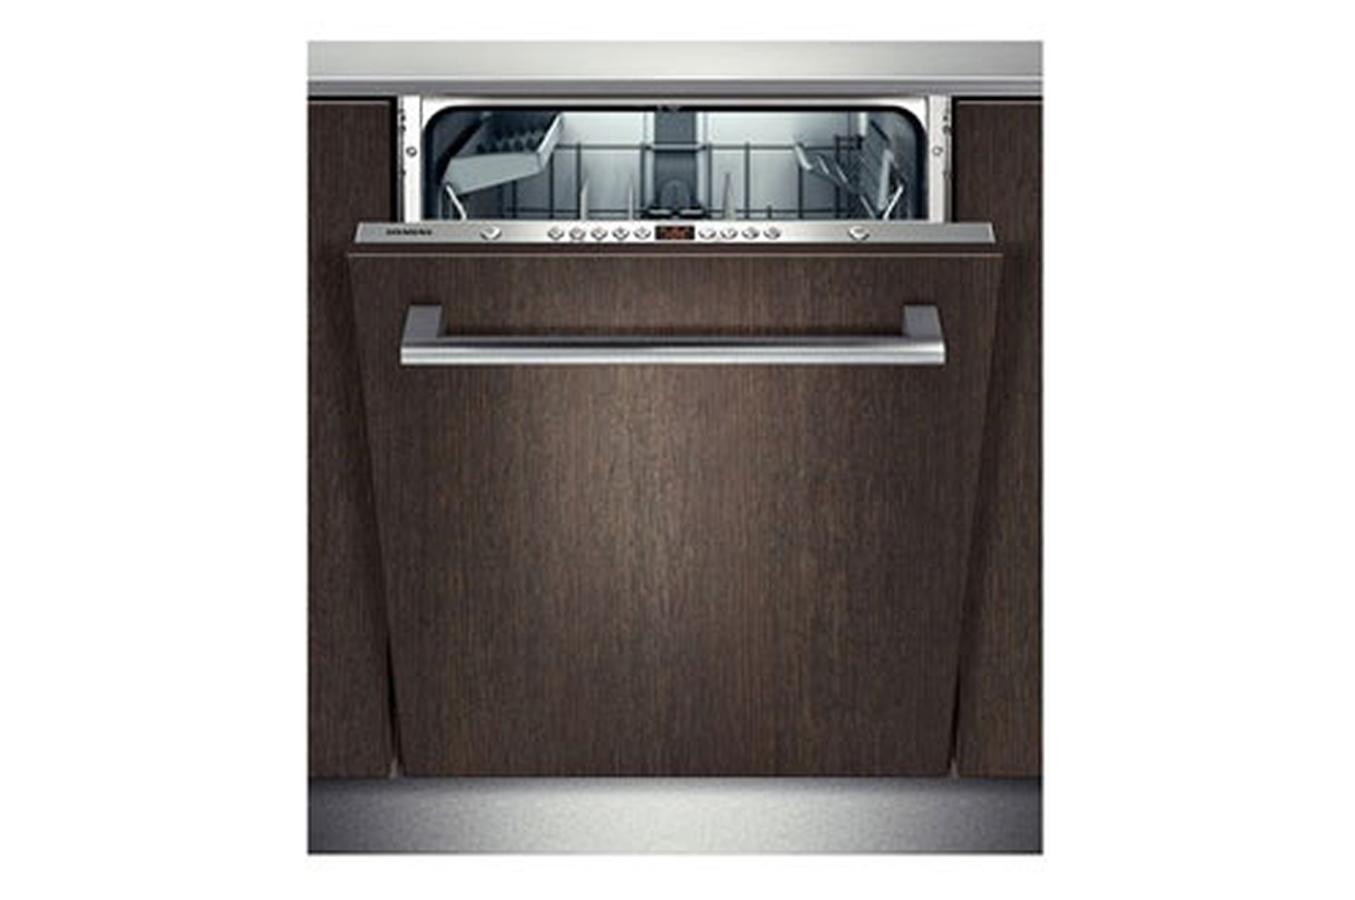 lave vaisselle encastrable siemens sn65m035eu 3733548. Black Bedroom Furniture Sets. Home Design Ideas